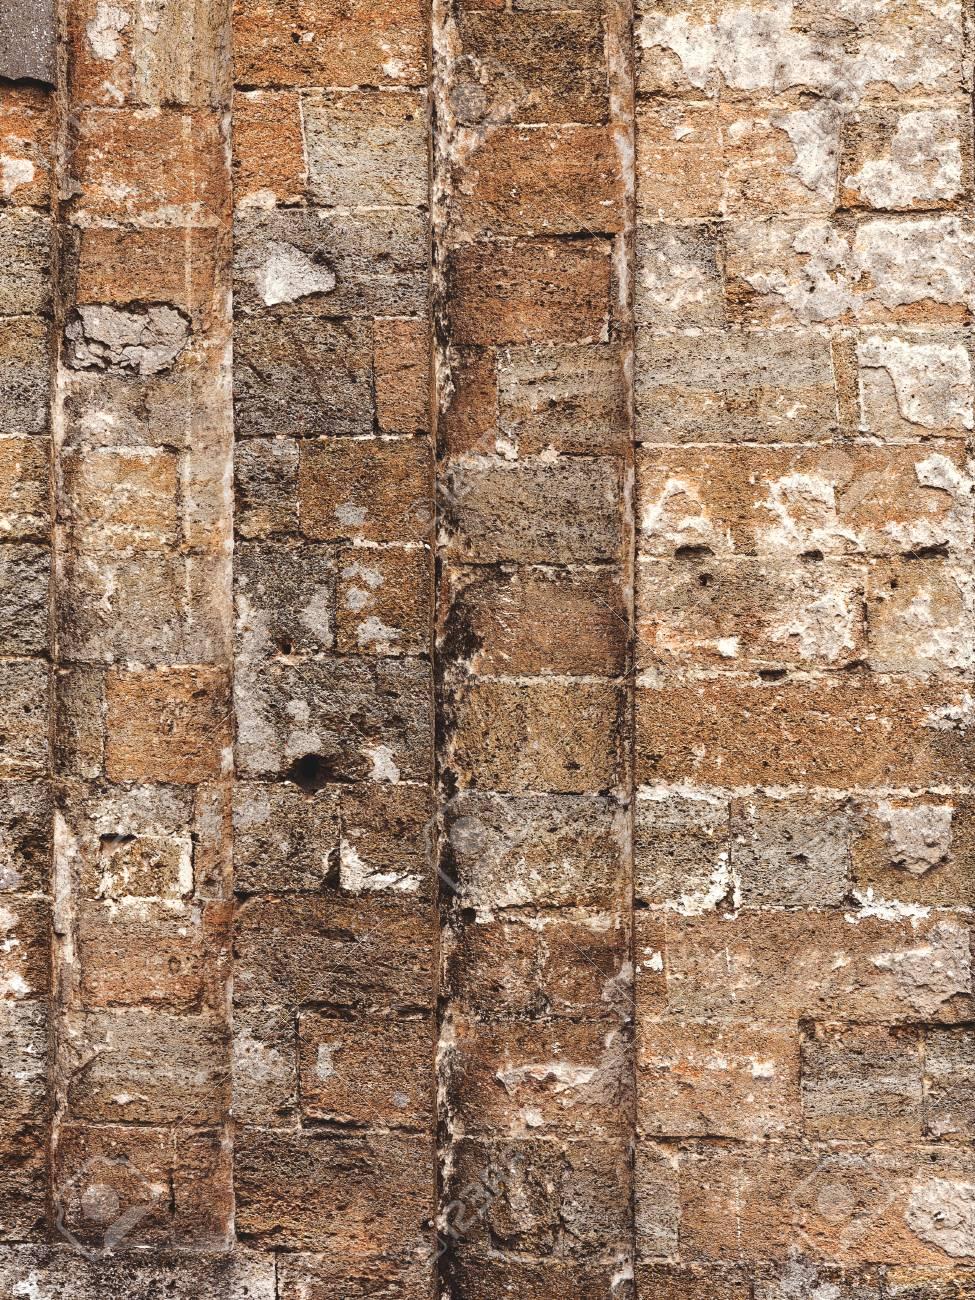 Wunderbar Standard Bild   Wand Aus Naturstein . Kann Als Hintergrund Verwendet Werden  . Großer Hintergrund Oder Textur